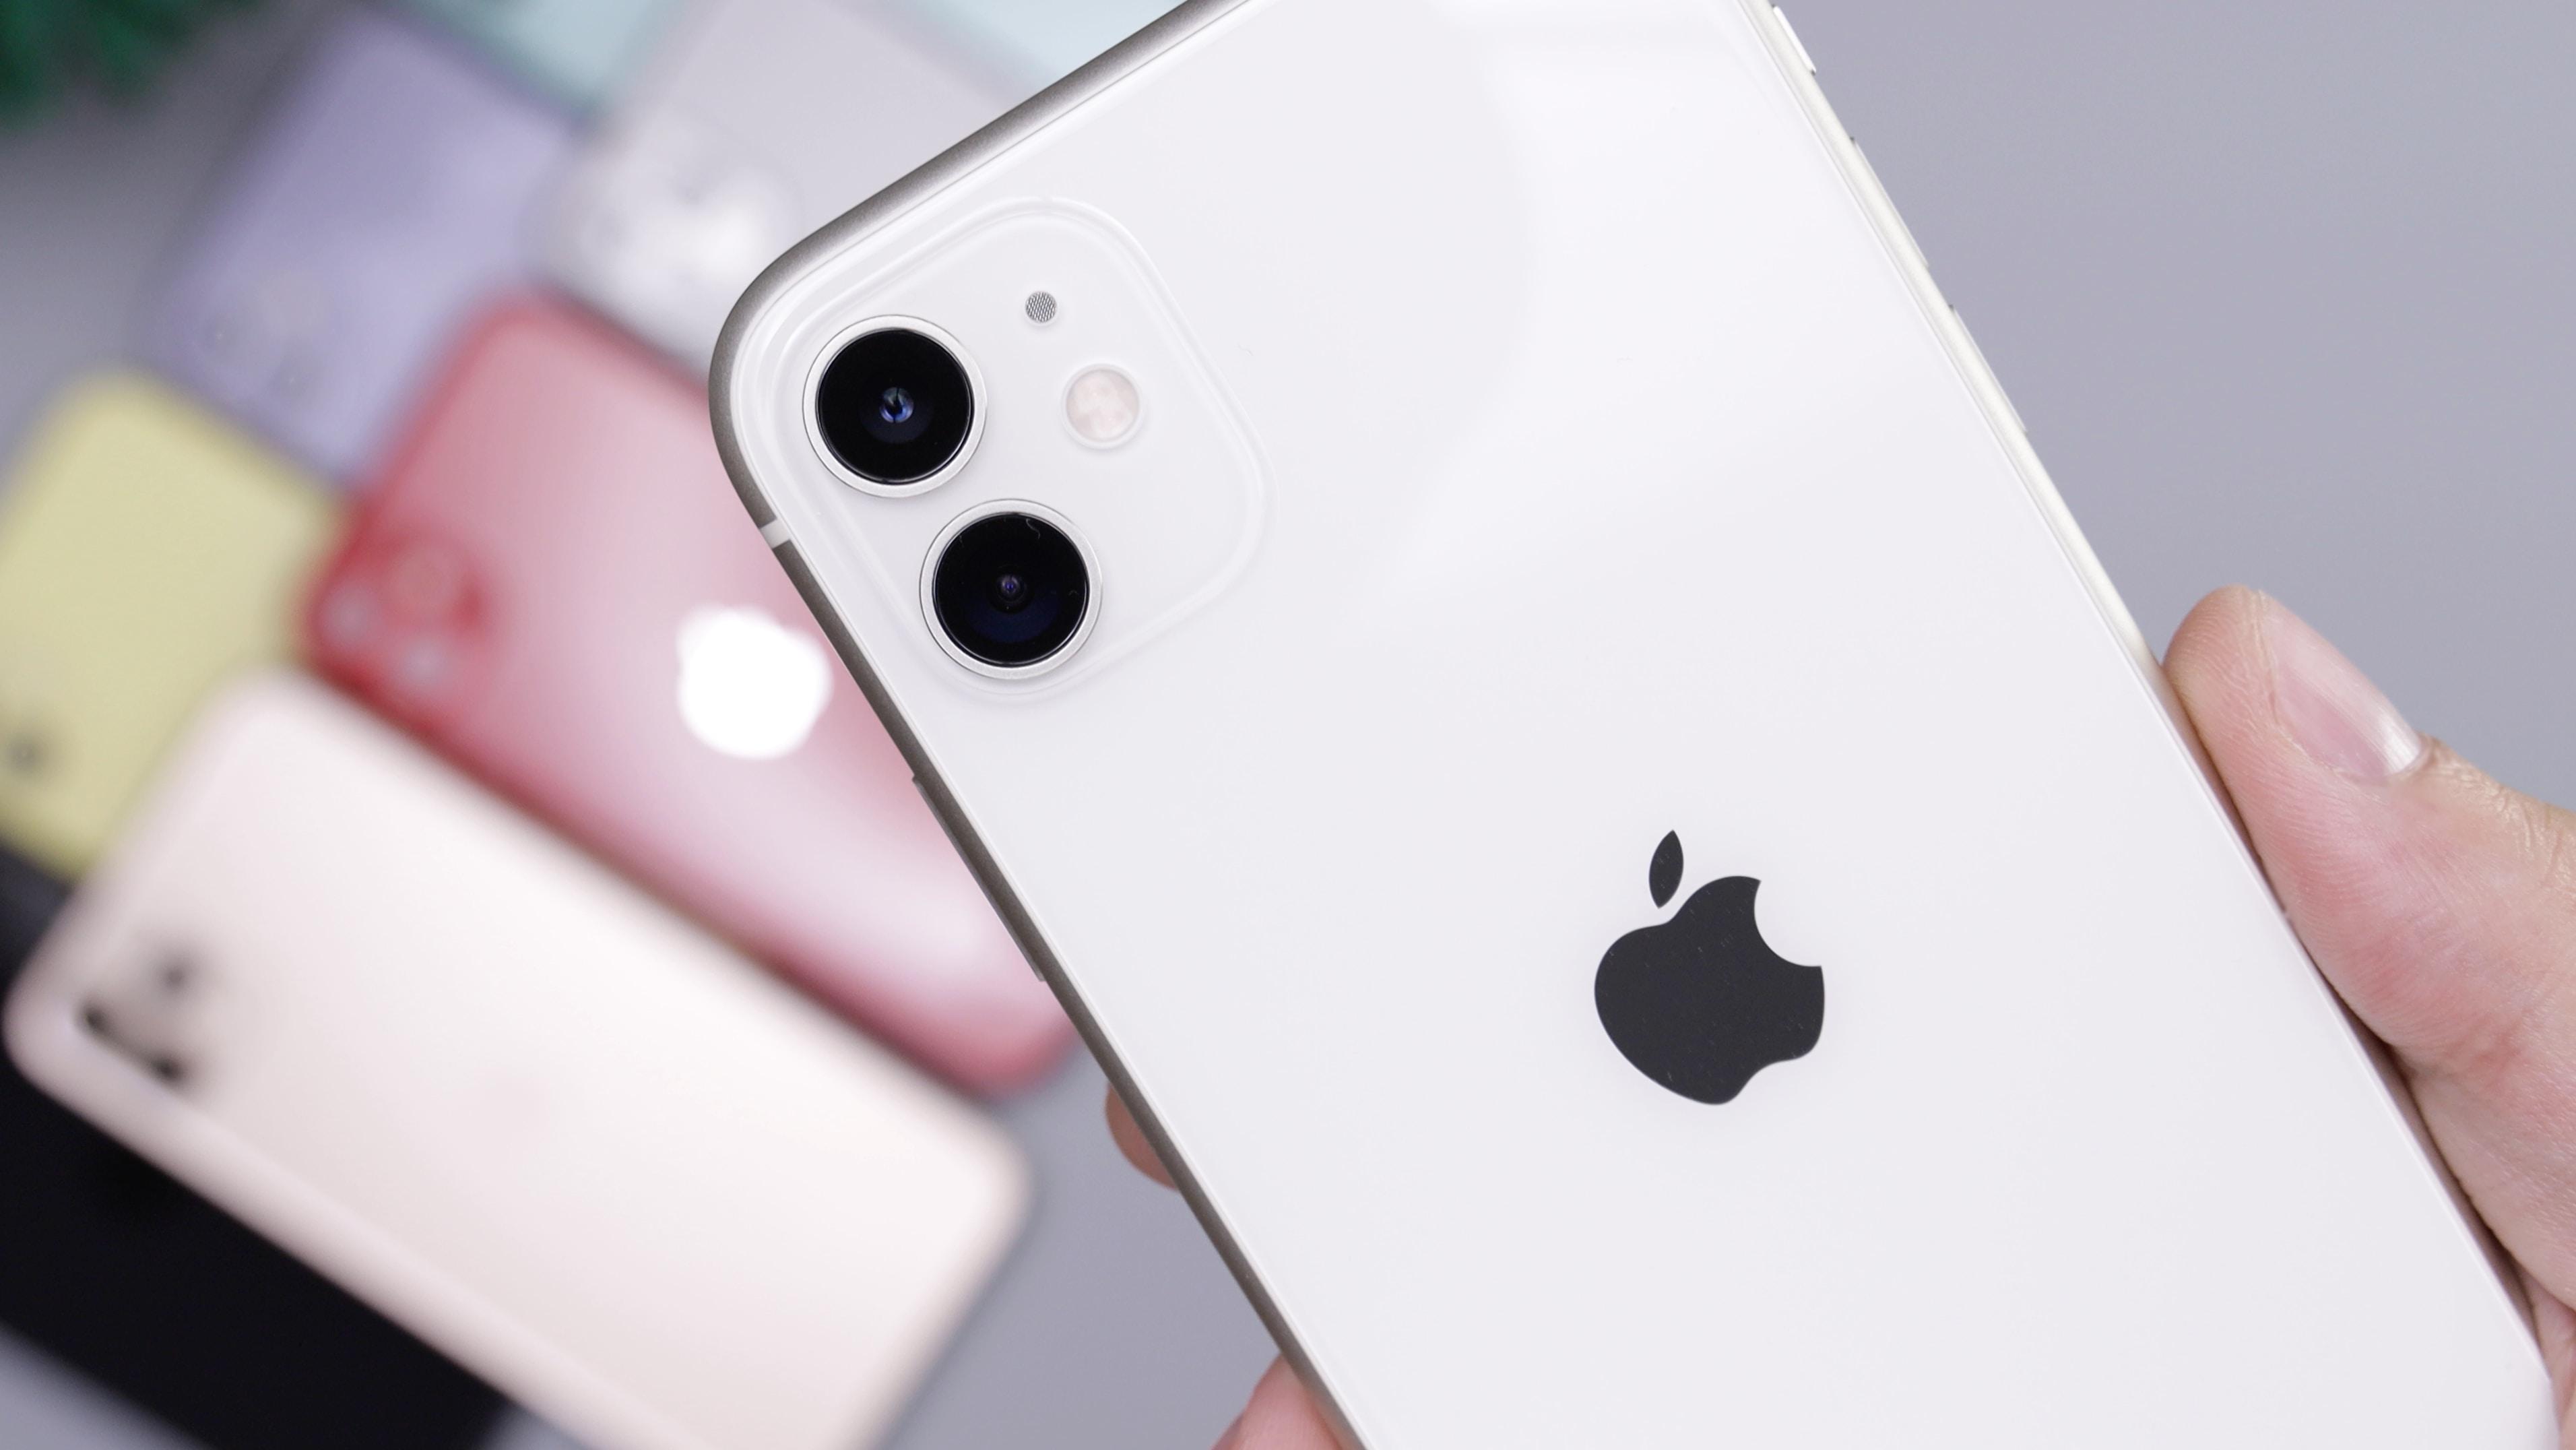 L'iPhone 11 Pro collecterait les données GPS sans autorisation